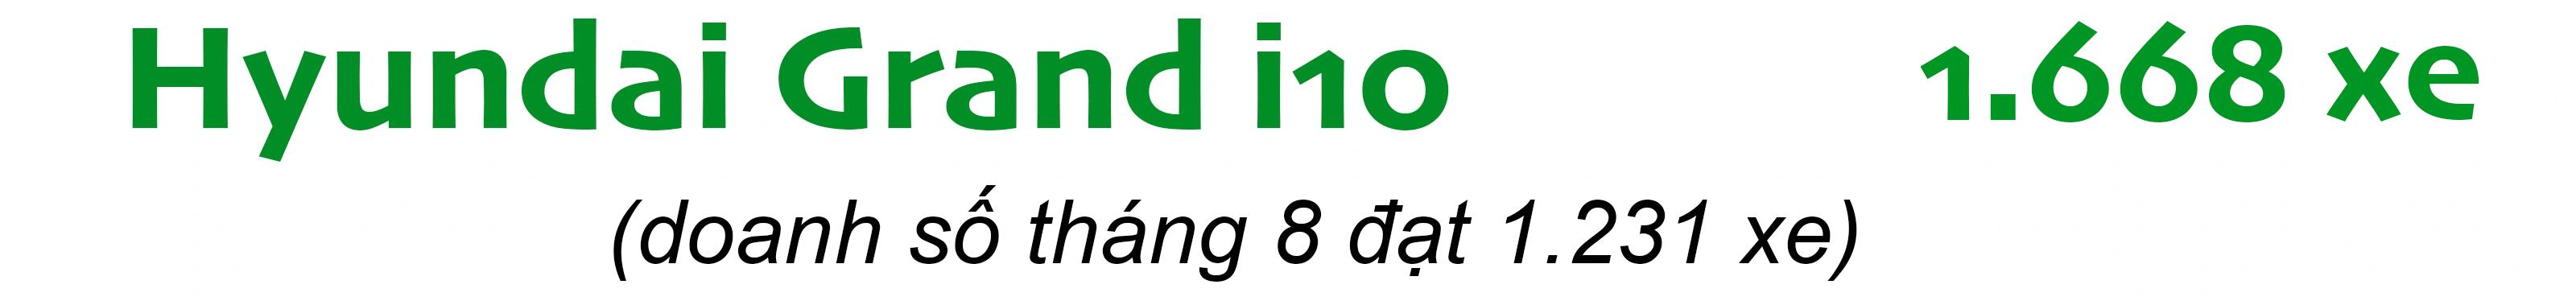 VinFast Fadil vẫn là ẩn số, Hyundai Grand i10 giữ vững ngôi đầu - 3